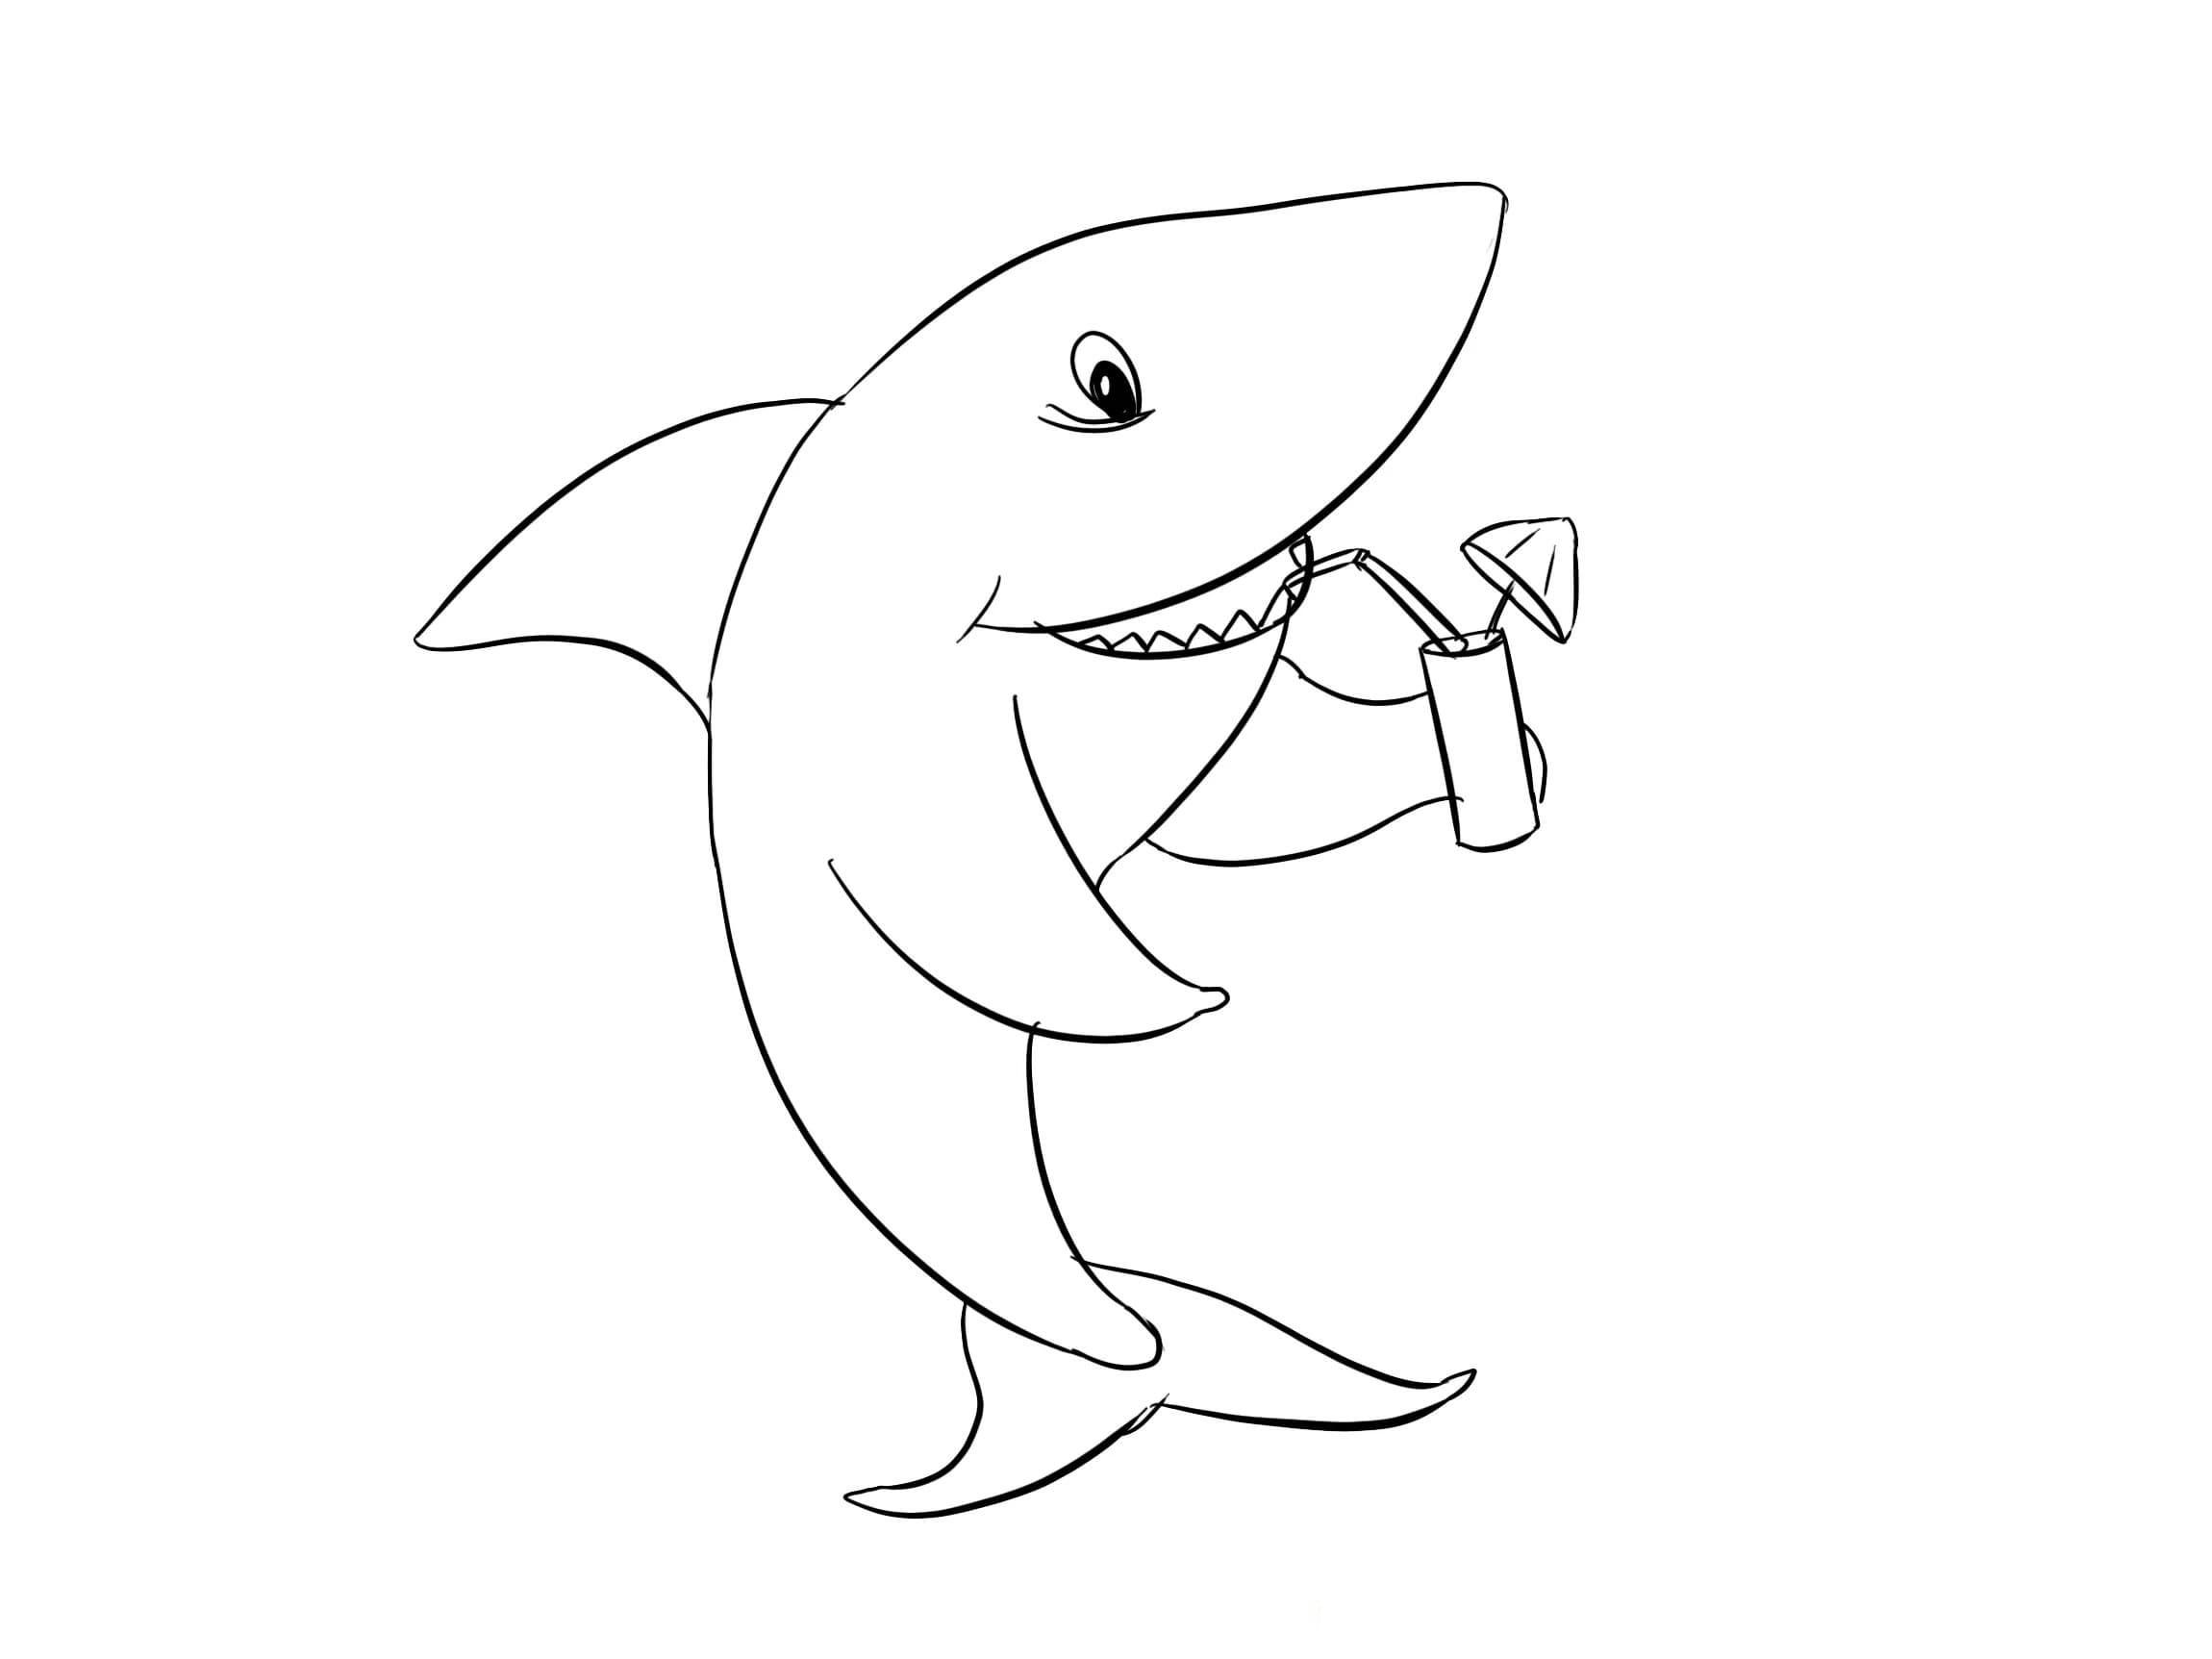 Ausmalbilder Baby Shark  19 Malvorlagen zum kostenlosen Drucken